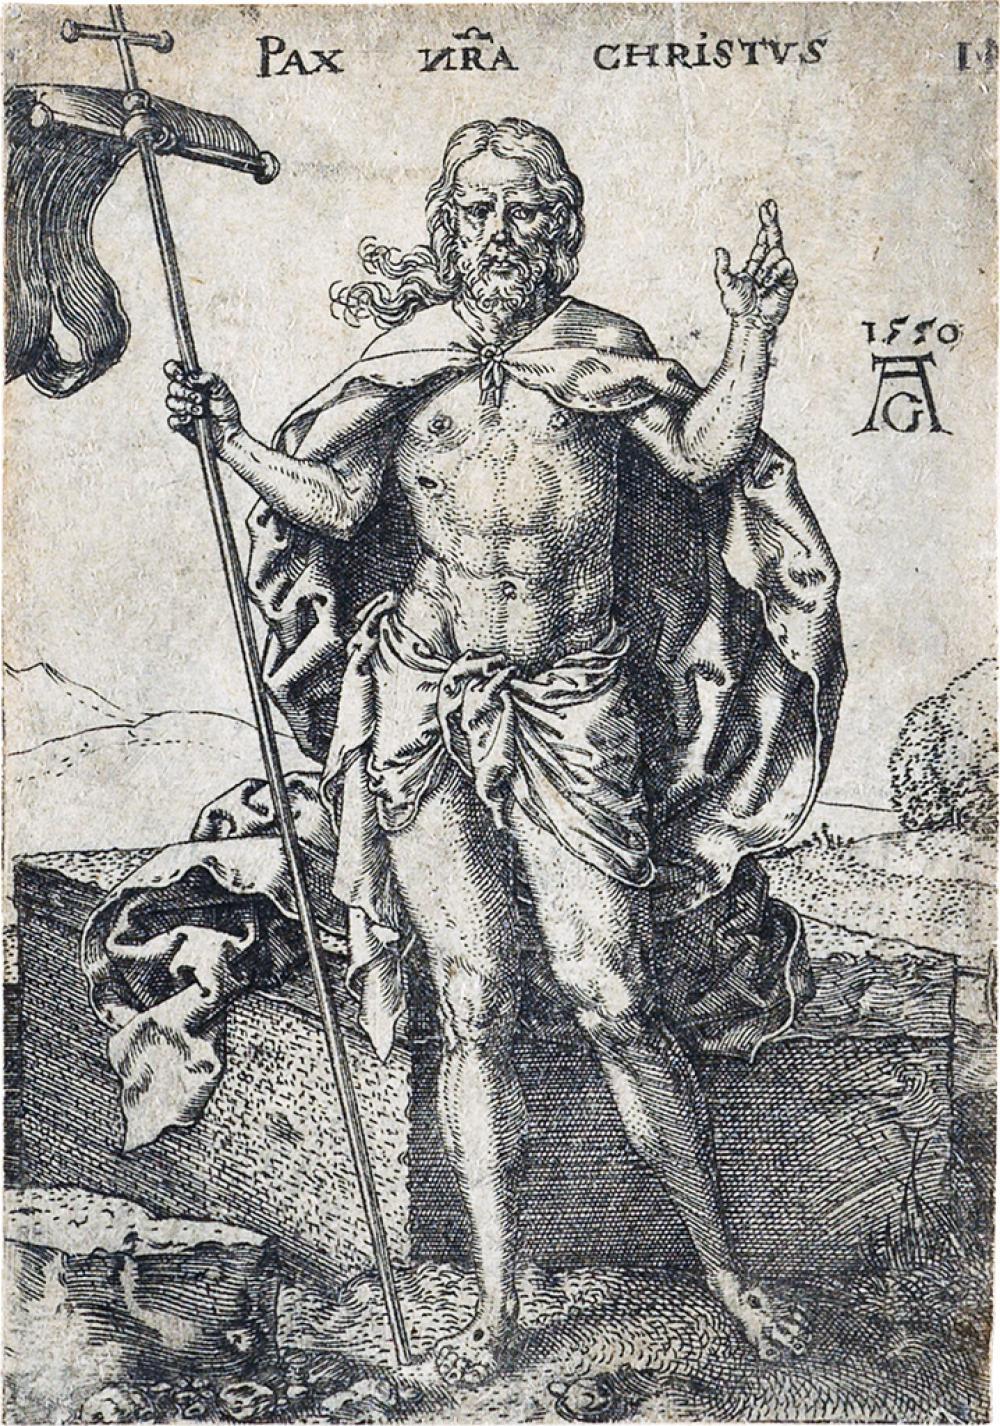 HEINRICH ALDEGREVER Pax Nostra Christus.